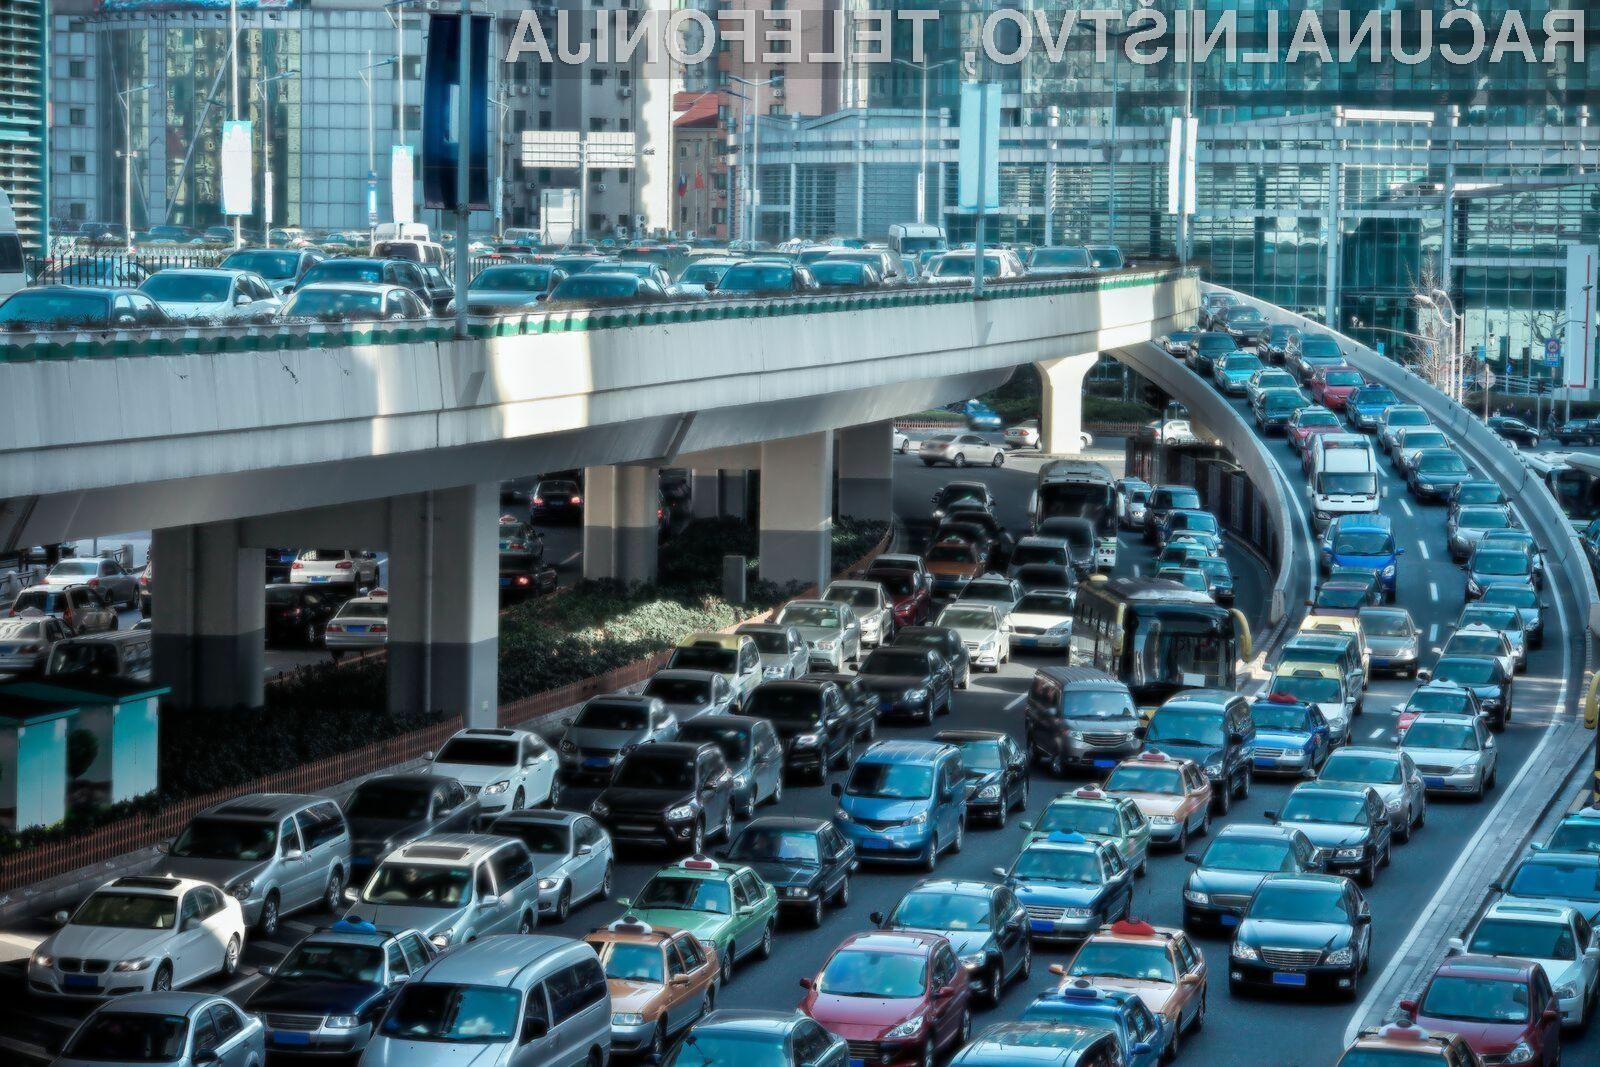 Pametni semaforji naj bi veliko pripomogli v boju proti prometnim zamaškom.